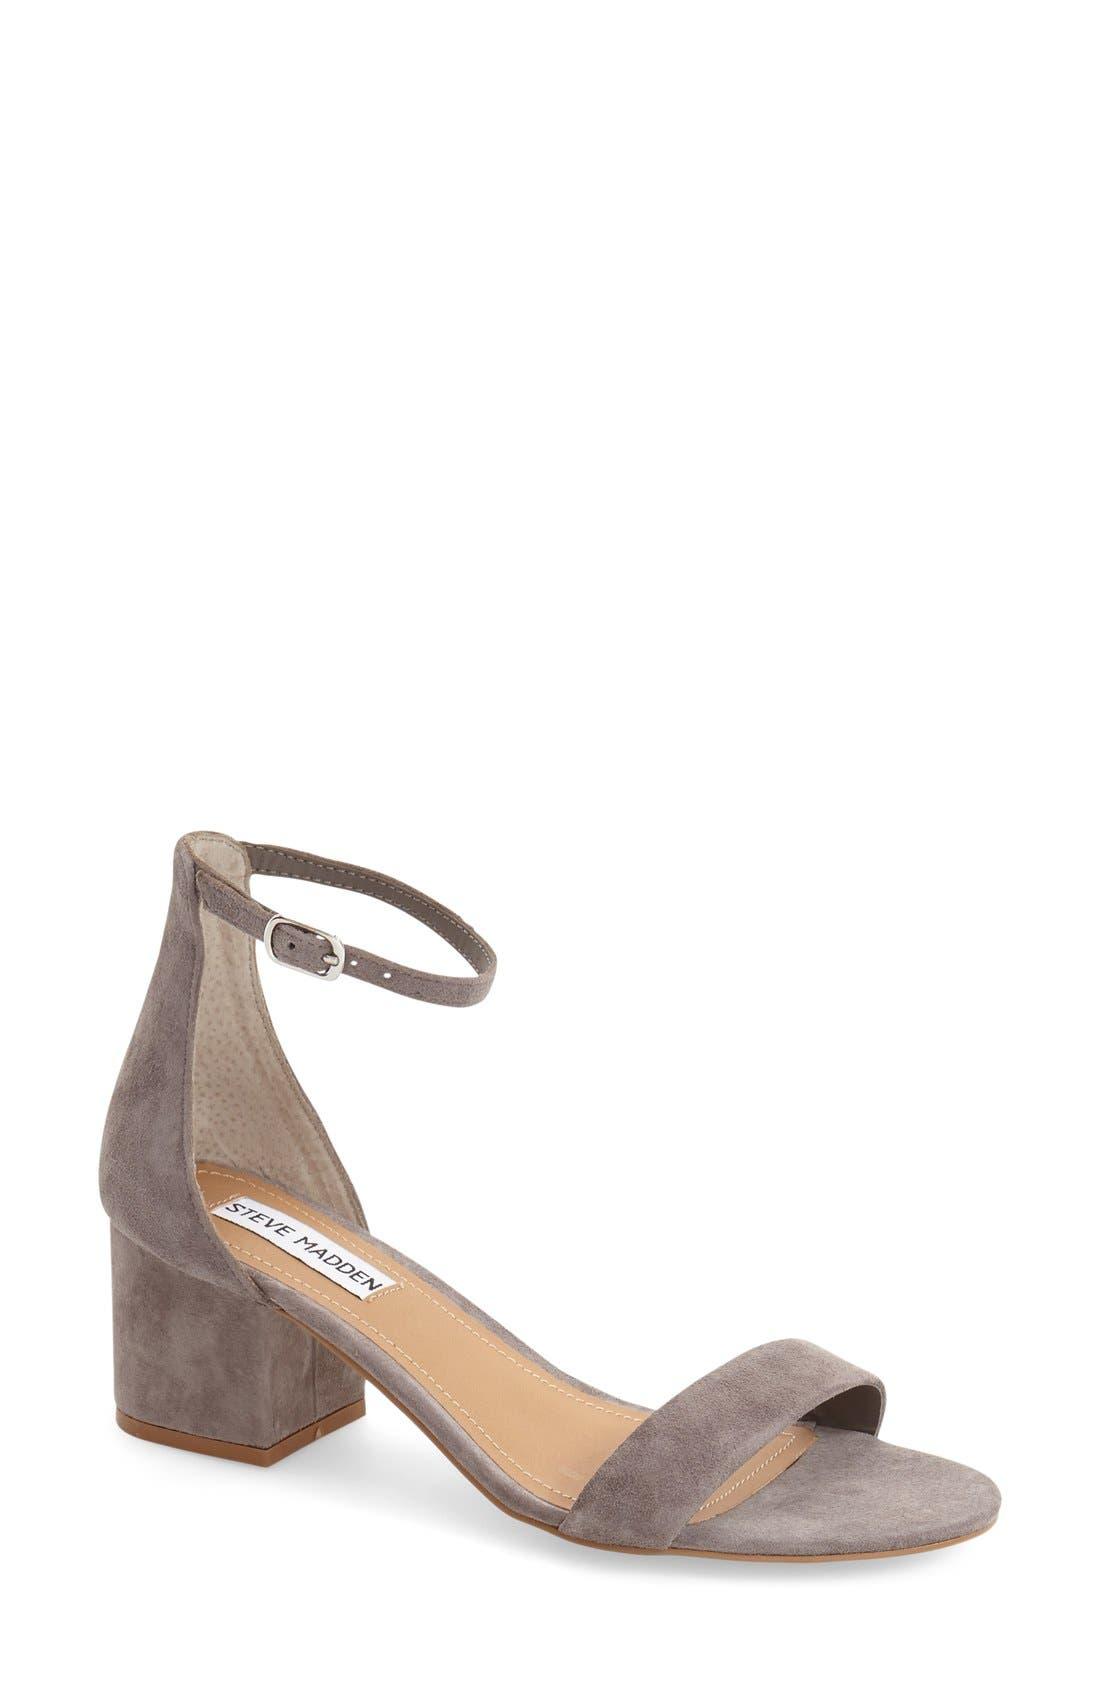 Main Image - Steve Madden Irenee Ankle Strap Sandal (Women)